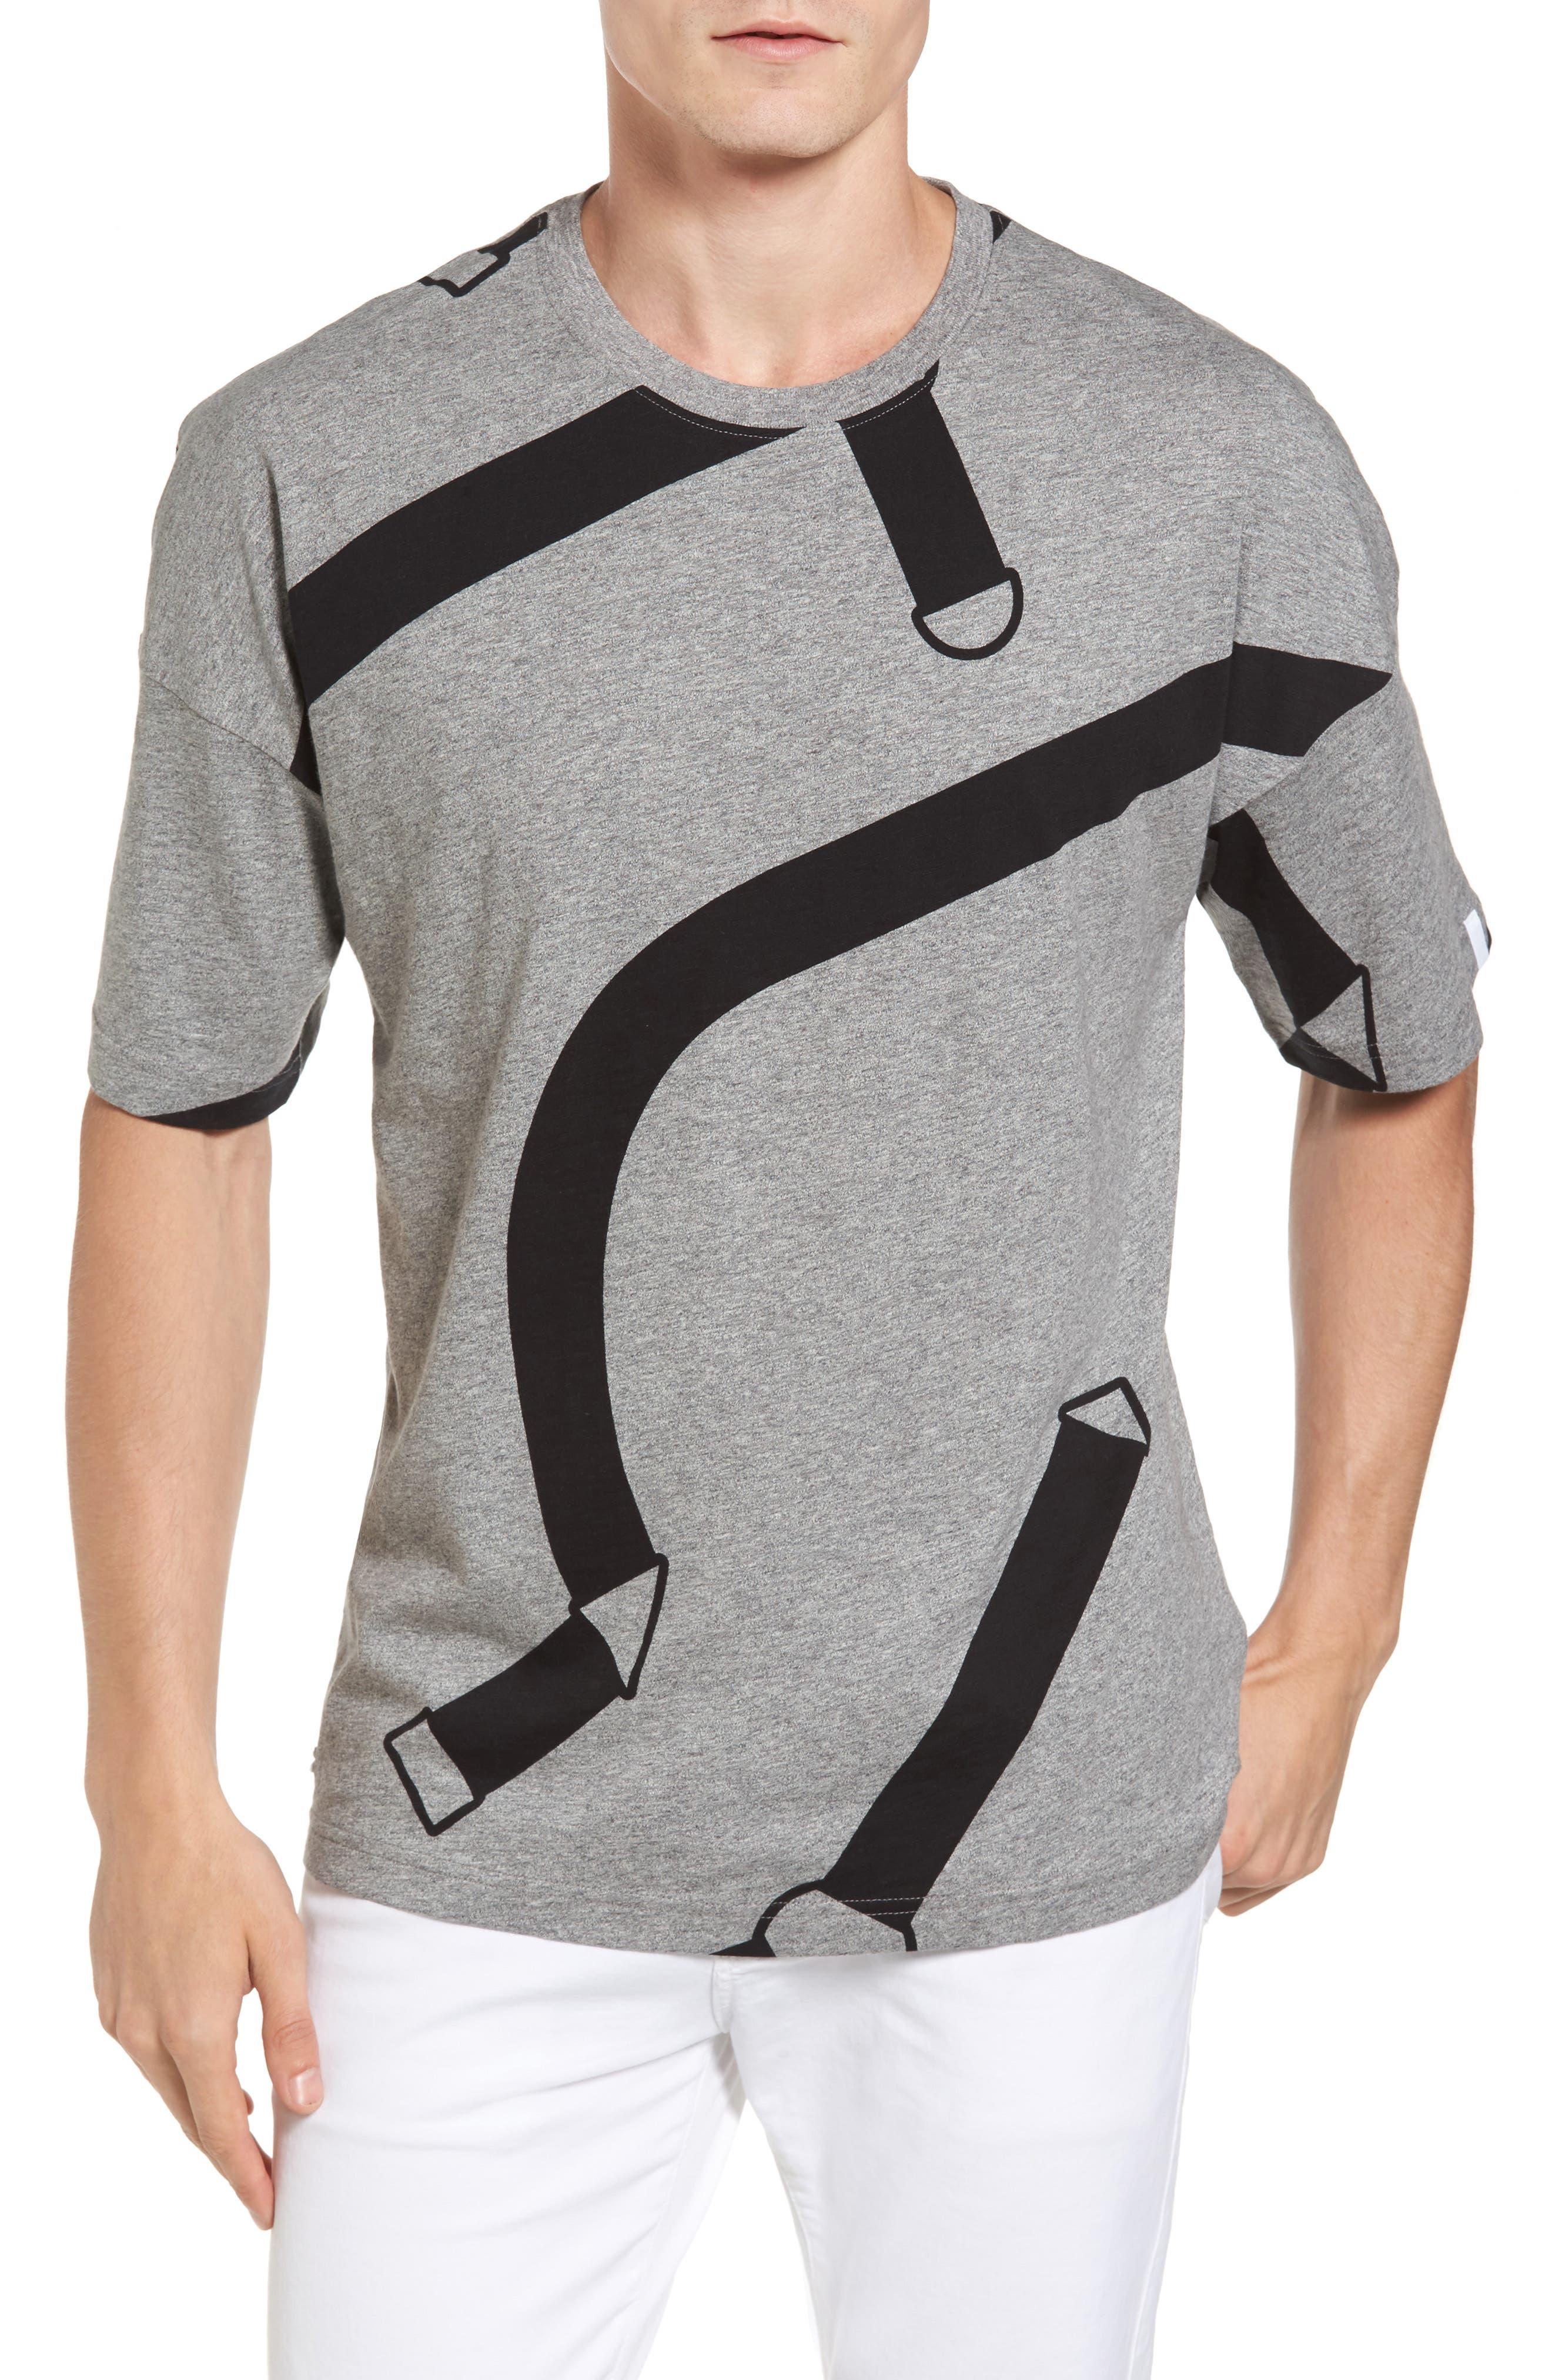 Lacoste L!VE Harness Print T-Shirt